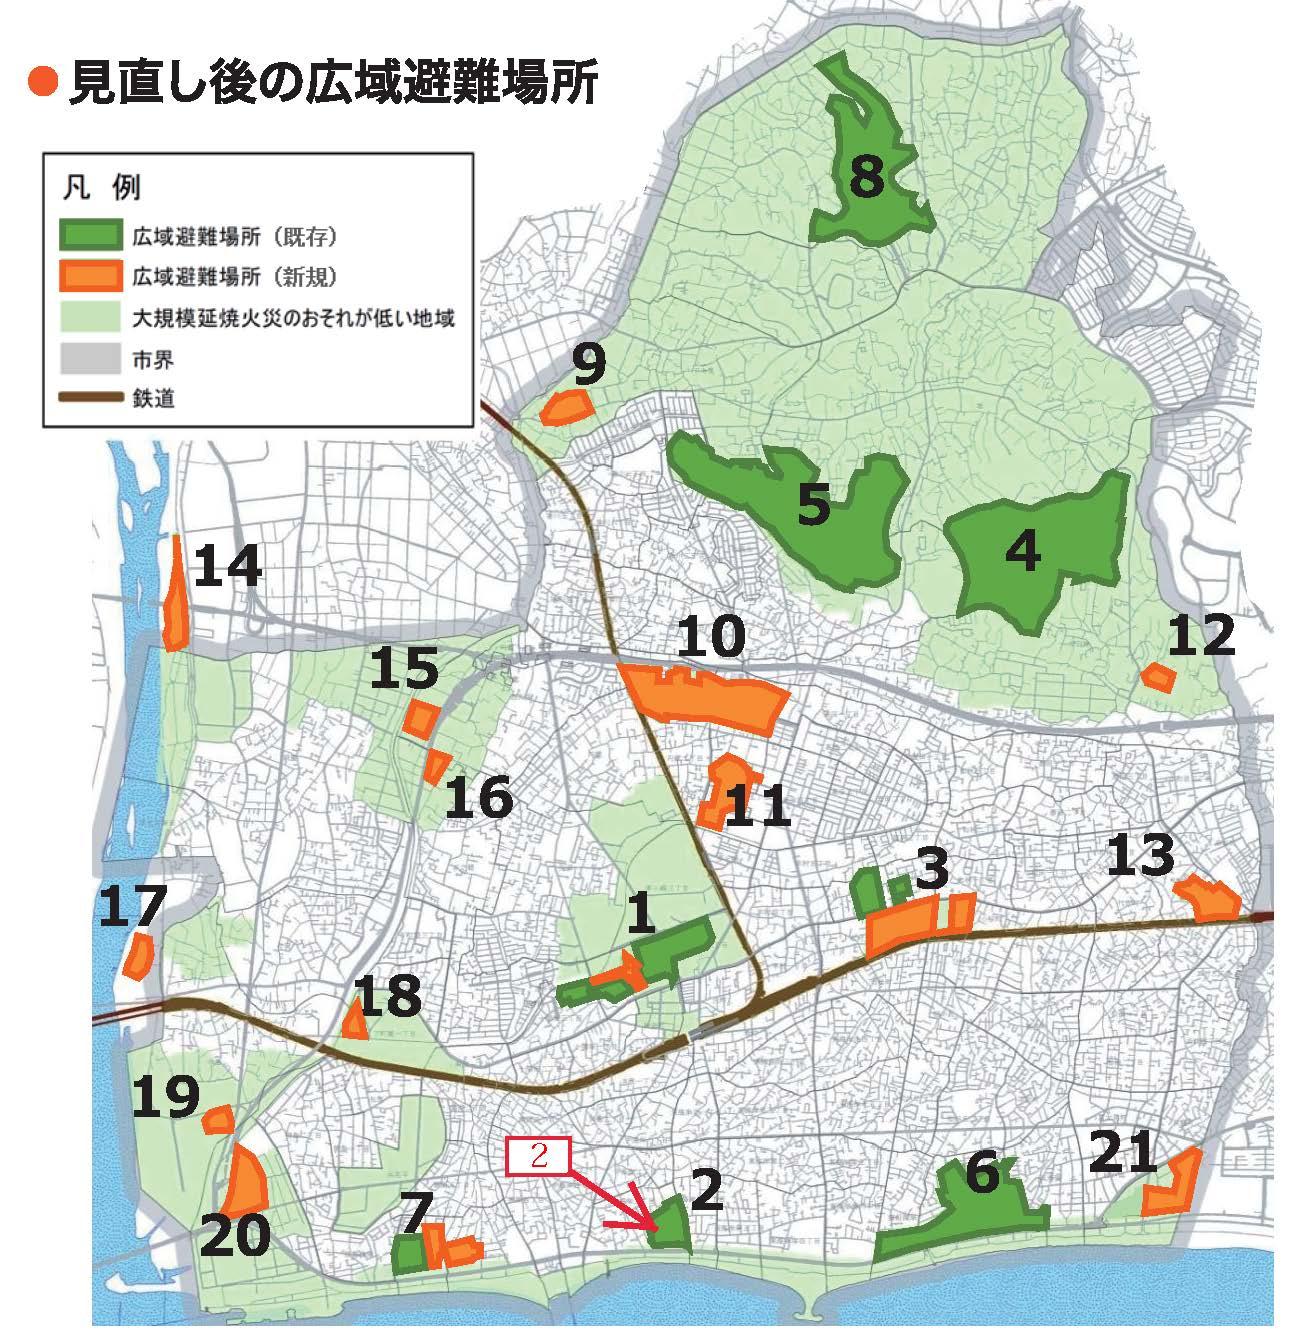 2.広域避難場所_茅ヶ崎市地図